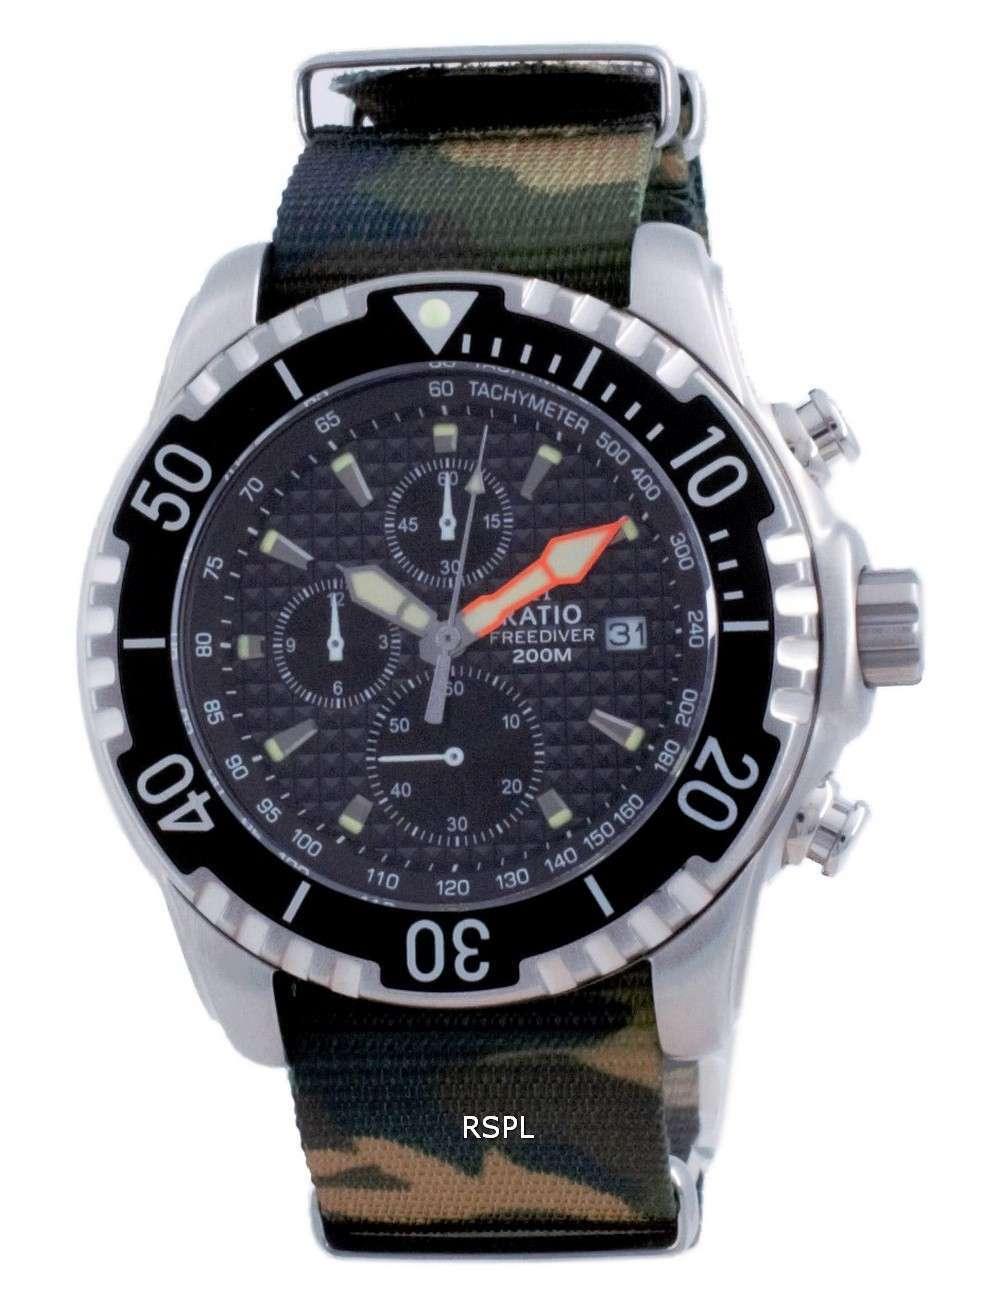 Ratio Free Diver Chronograph Nylon Quartz Diver&#39,s 48HA90-17-CHR-BLK-var-NATO5 200M Reloj para hombre